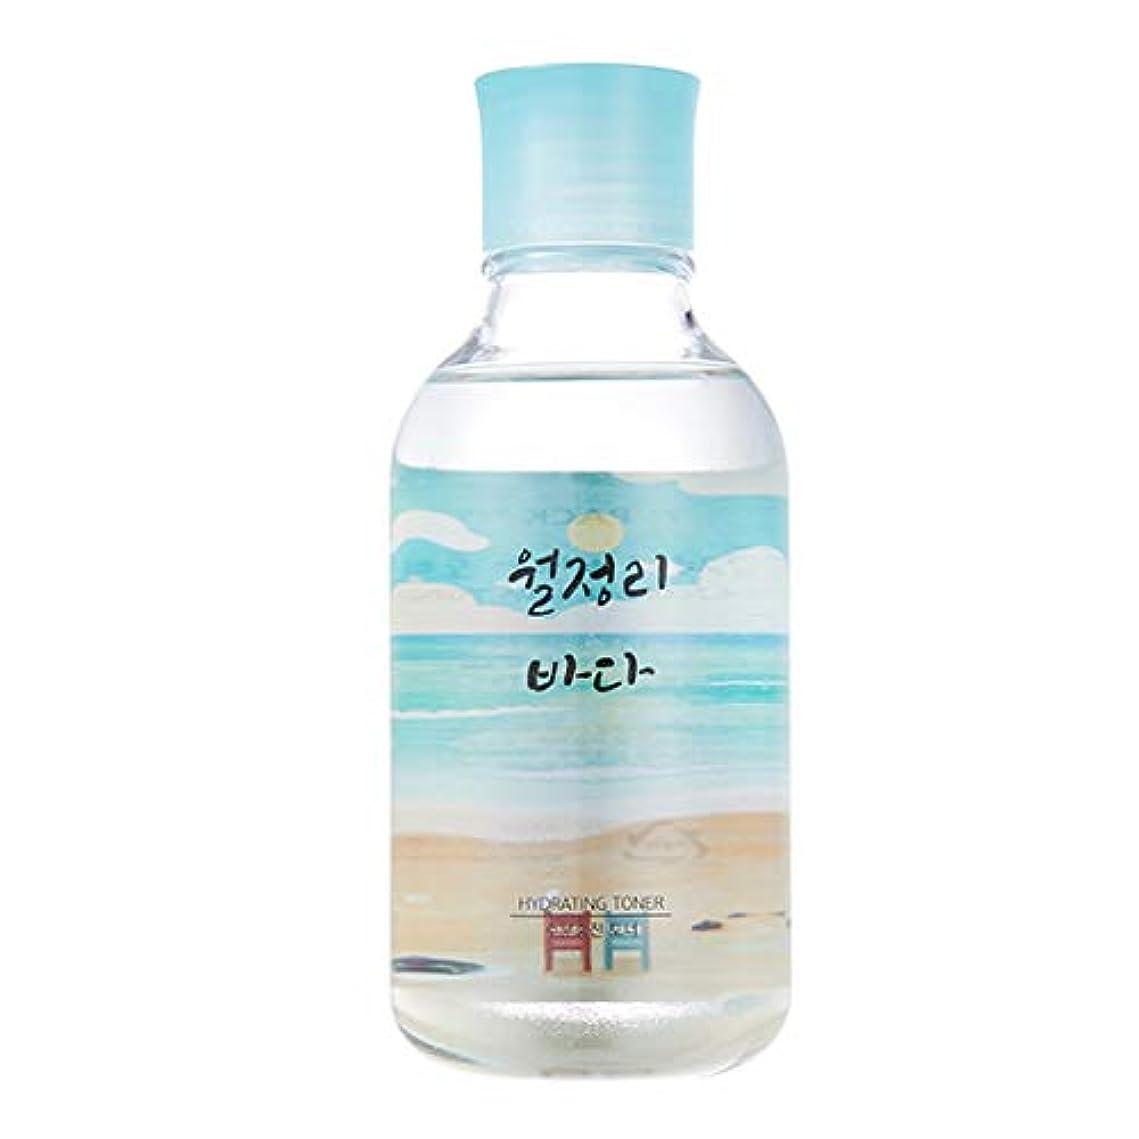 羊の作動する特殊【PACKAGE】Jeju Mineral Moist Toner 済州 ミネラル 保湿 化粧水 人気 ランキング 美白 おすすめ プチプラ トナー